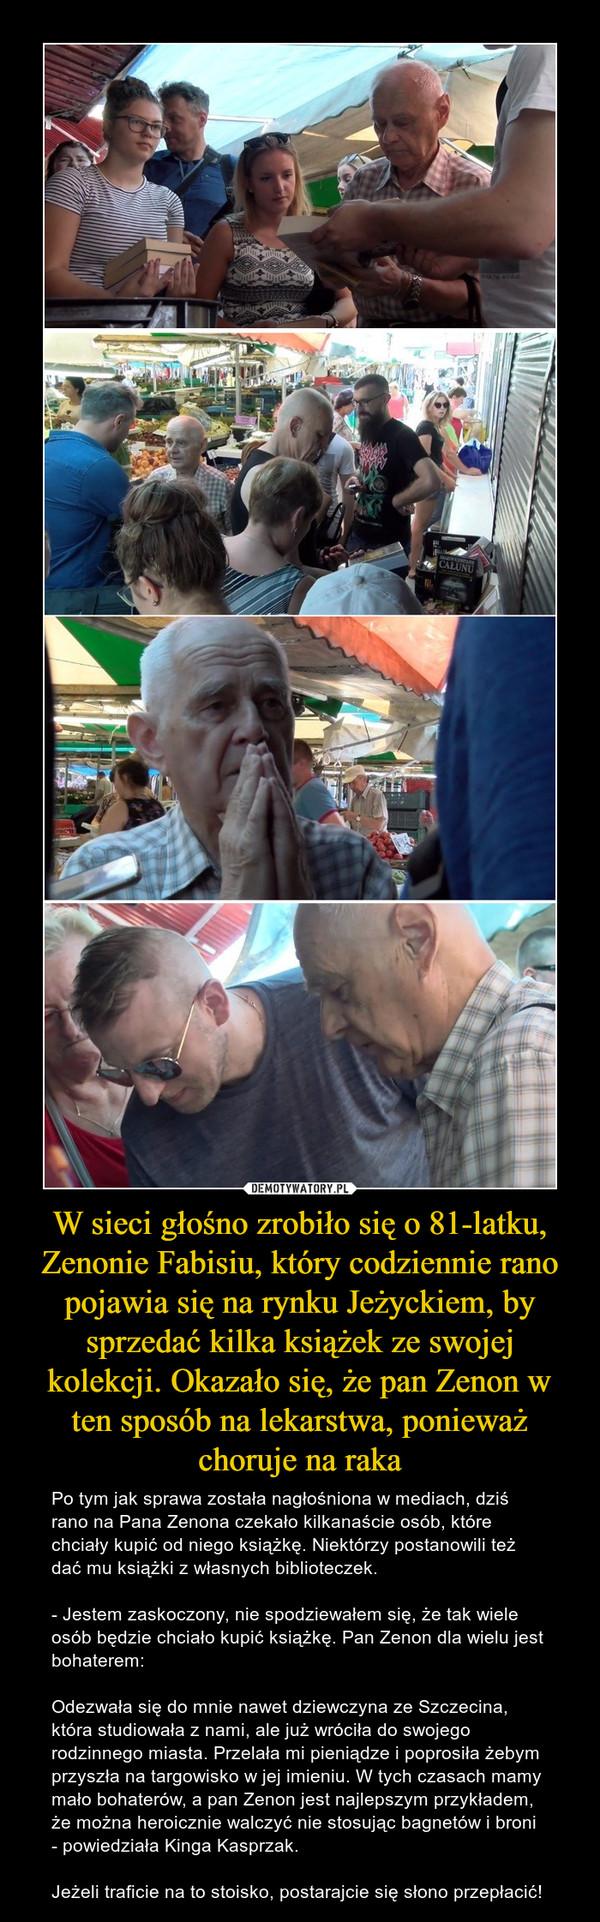 W sieci głośno zrobiło się o 81-latku, Zenonie Fabisiu, który codziennie rano pojawia się na rynku Jeżyckiem, by sprzedać kilka książek ze swojej kolekcji. Okazało się, że pan Zenon w ten sposób na lekarstwa, ponieważ choruje na raka – Po tym jak sprawa została nagłośniona w mediach, dziś rano na Pana Zenona czekało kilkanaście osób, które chciały kupić od niego książkę. Niektórzy postanowili też dać mu książki z własnych biblioteczek.- Jestem zaskoczony, nie spodziewałem się, że tak wiele osób będzie chciało kupić książkę. Pan Zenon dla wielu jest bohaterem:Odezwała się do mnie nawet dziewczyna ze Szczecina, która studiowała z nami, ale już wróciła do swojego rodzinnego miasta. Przelała mi pieniądze i poprosiła żebym przyszła na targowisko w jej imieniu. W tych czasach mamy mało bohaterów, a pan Zenon jest najlepszym przykładem, że można heroicznie walczyć nie stosując bagnetów i broni - powiedziała Kinga Kasprzak.Jeżeli traficie na to stoisko, postarajcie się słono przepłacić!